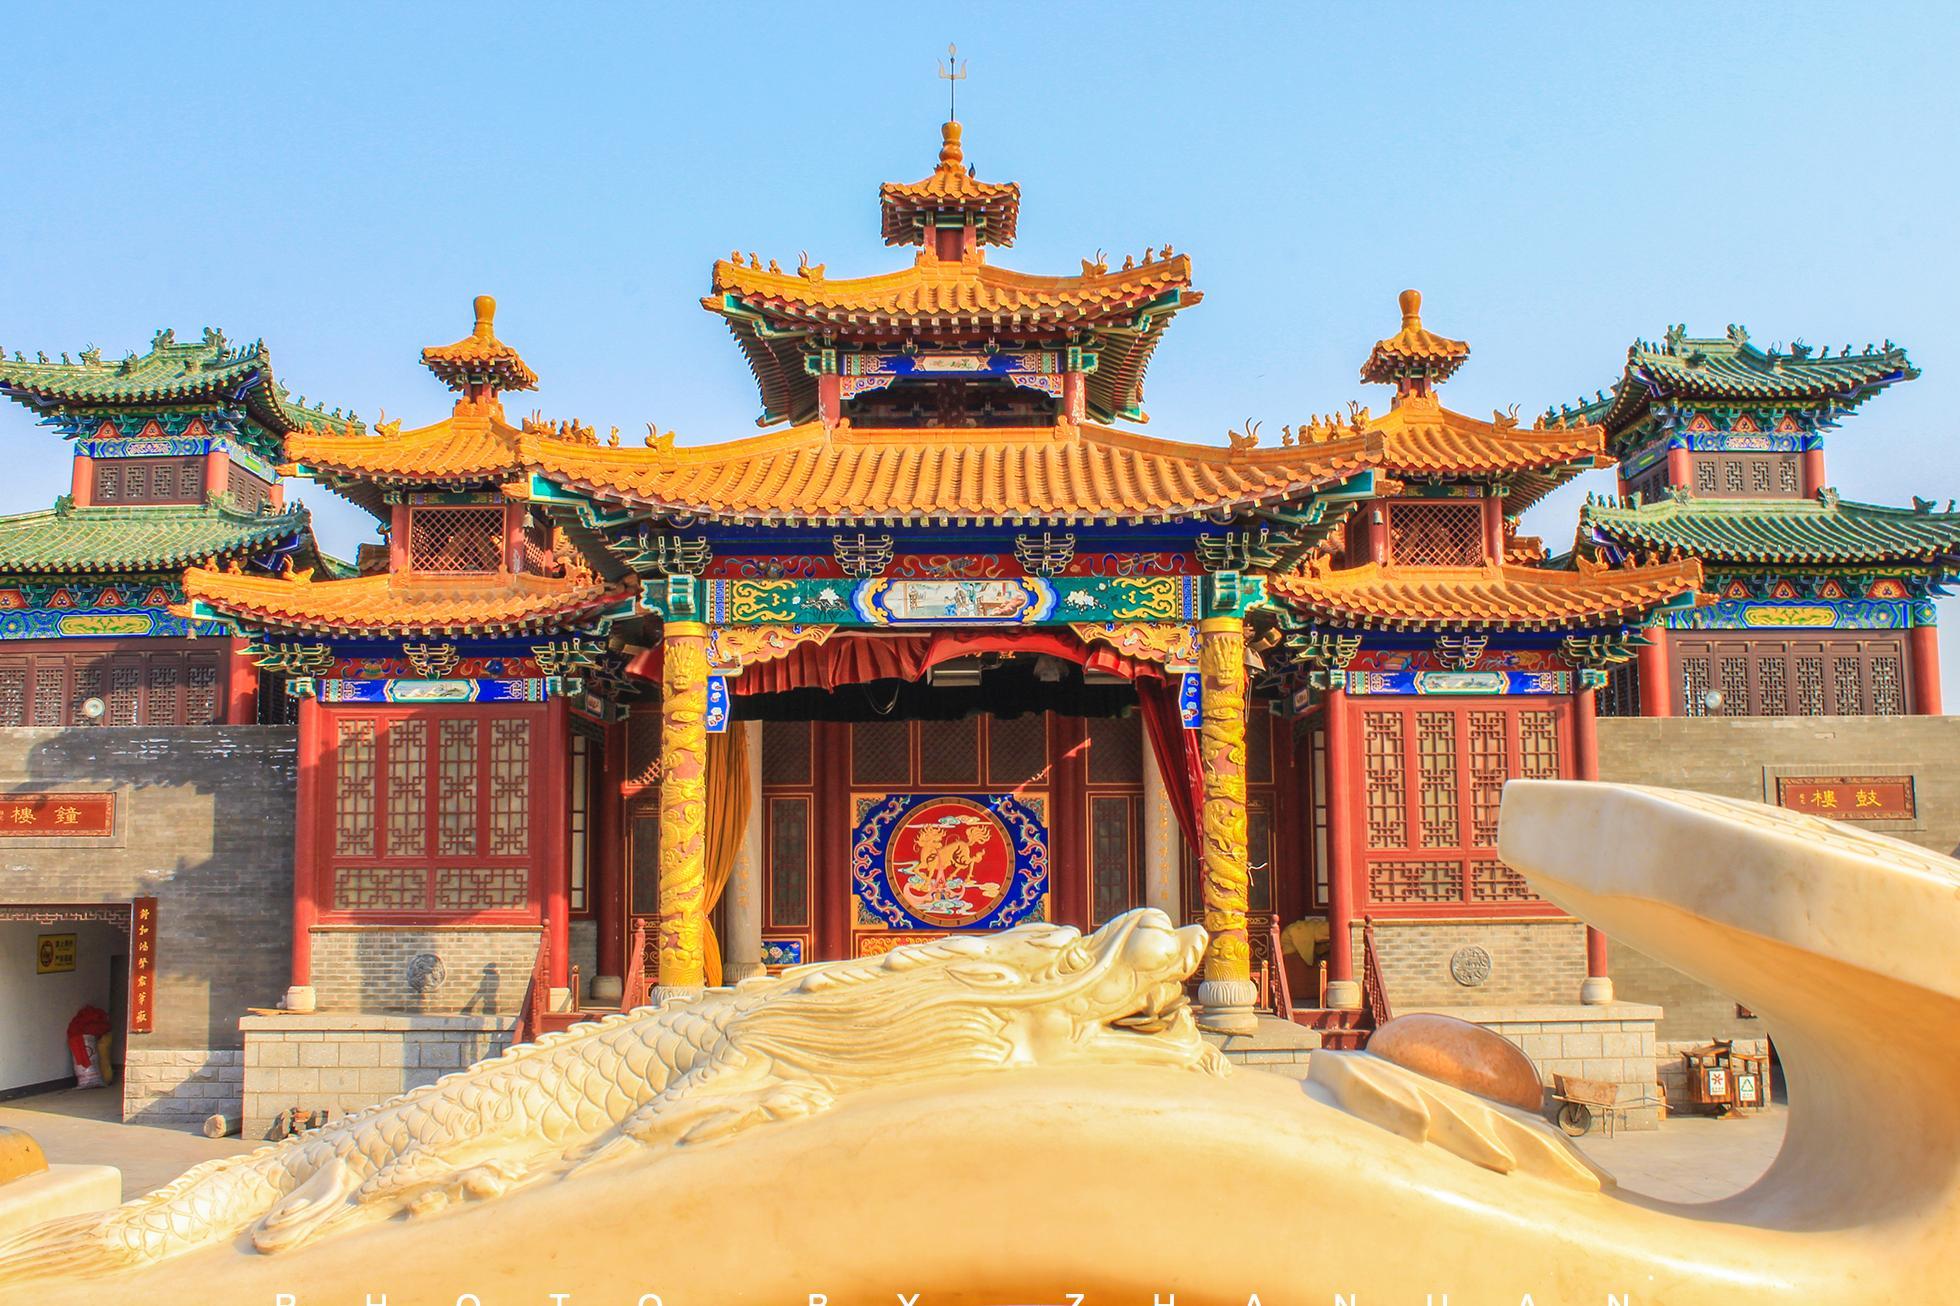 一座蚕沙口天妃宫,渤海湾畔的妈祖文化